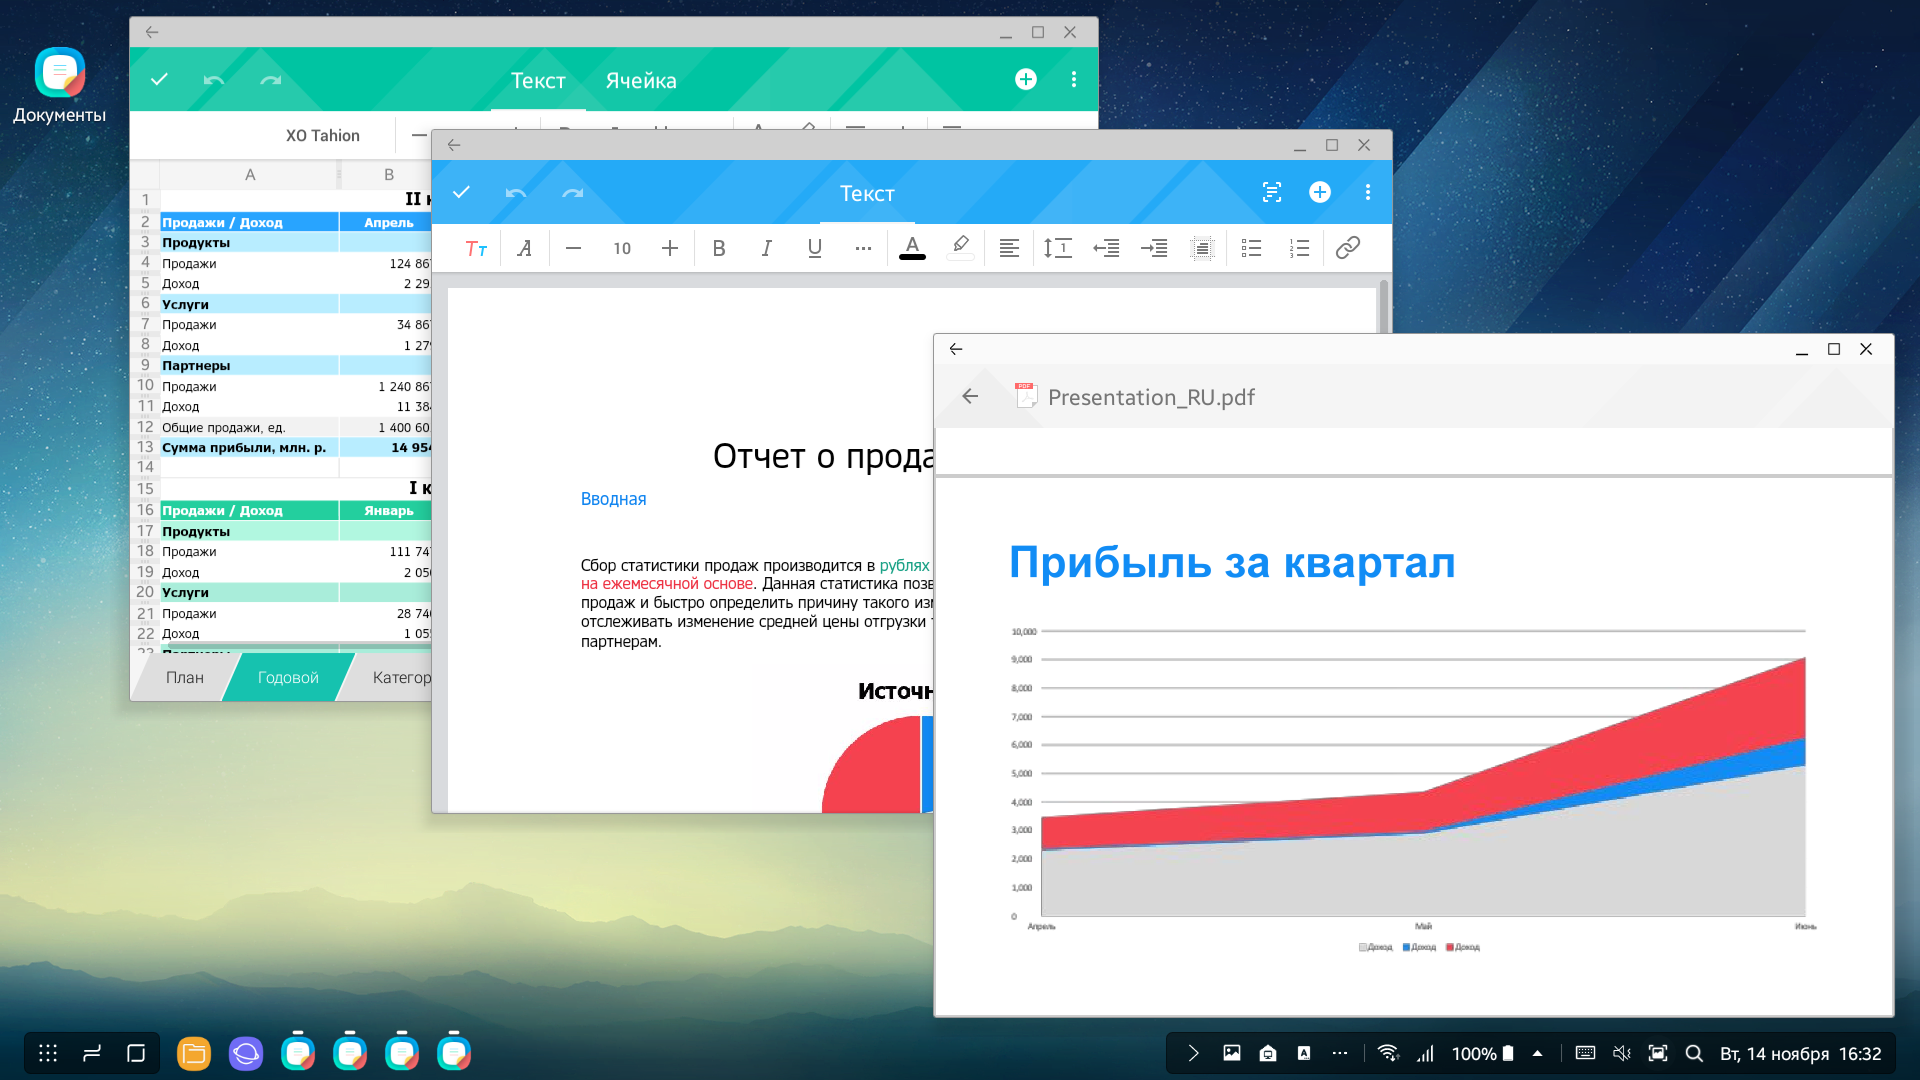 Оптимизация Android-приложения для работы с док-станцией Samsung DeX - 4